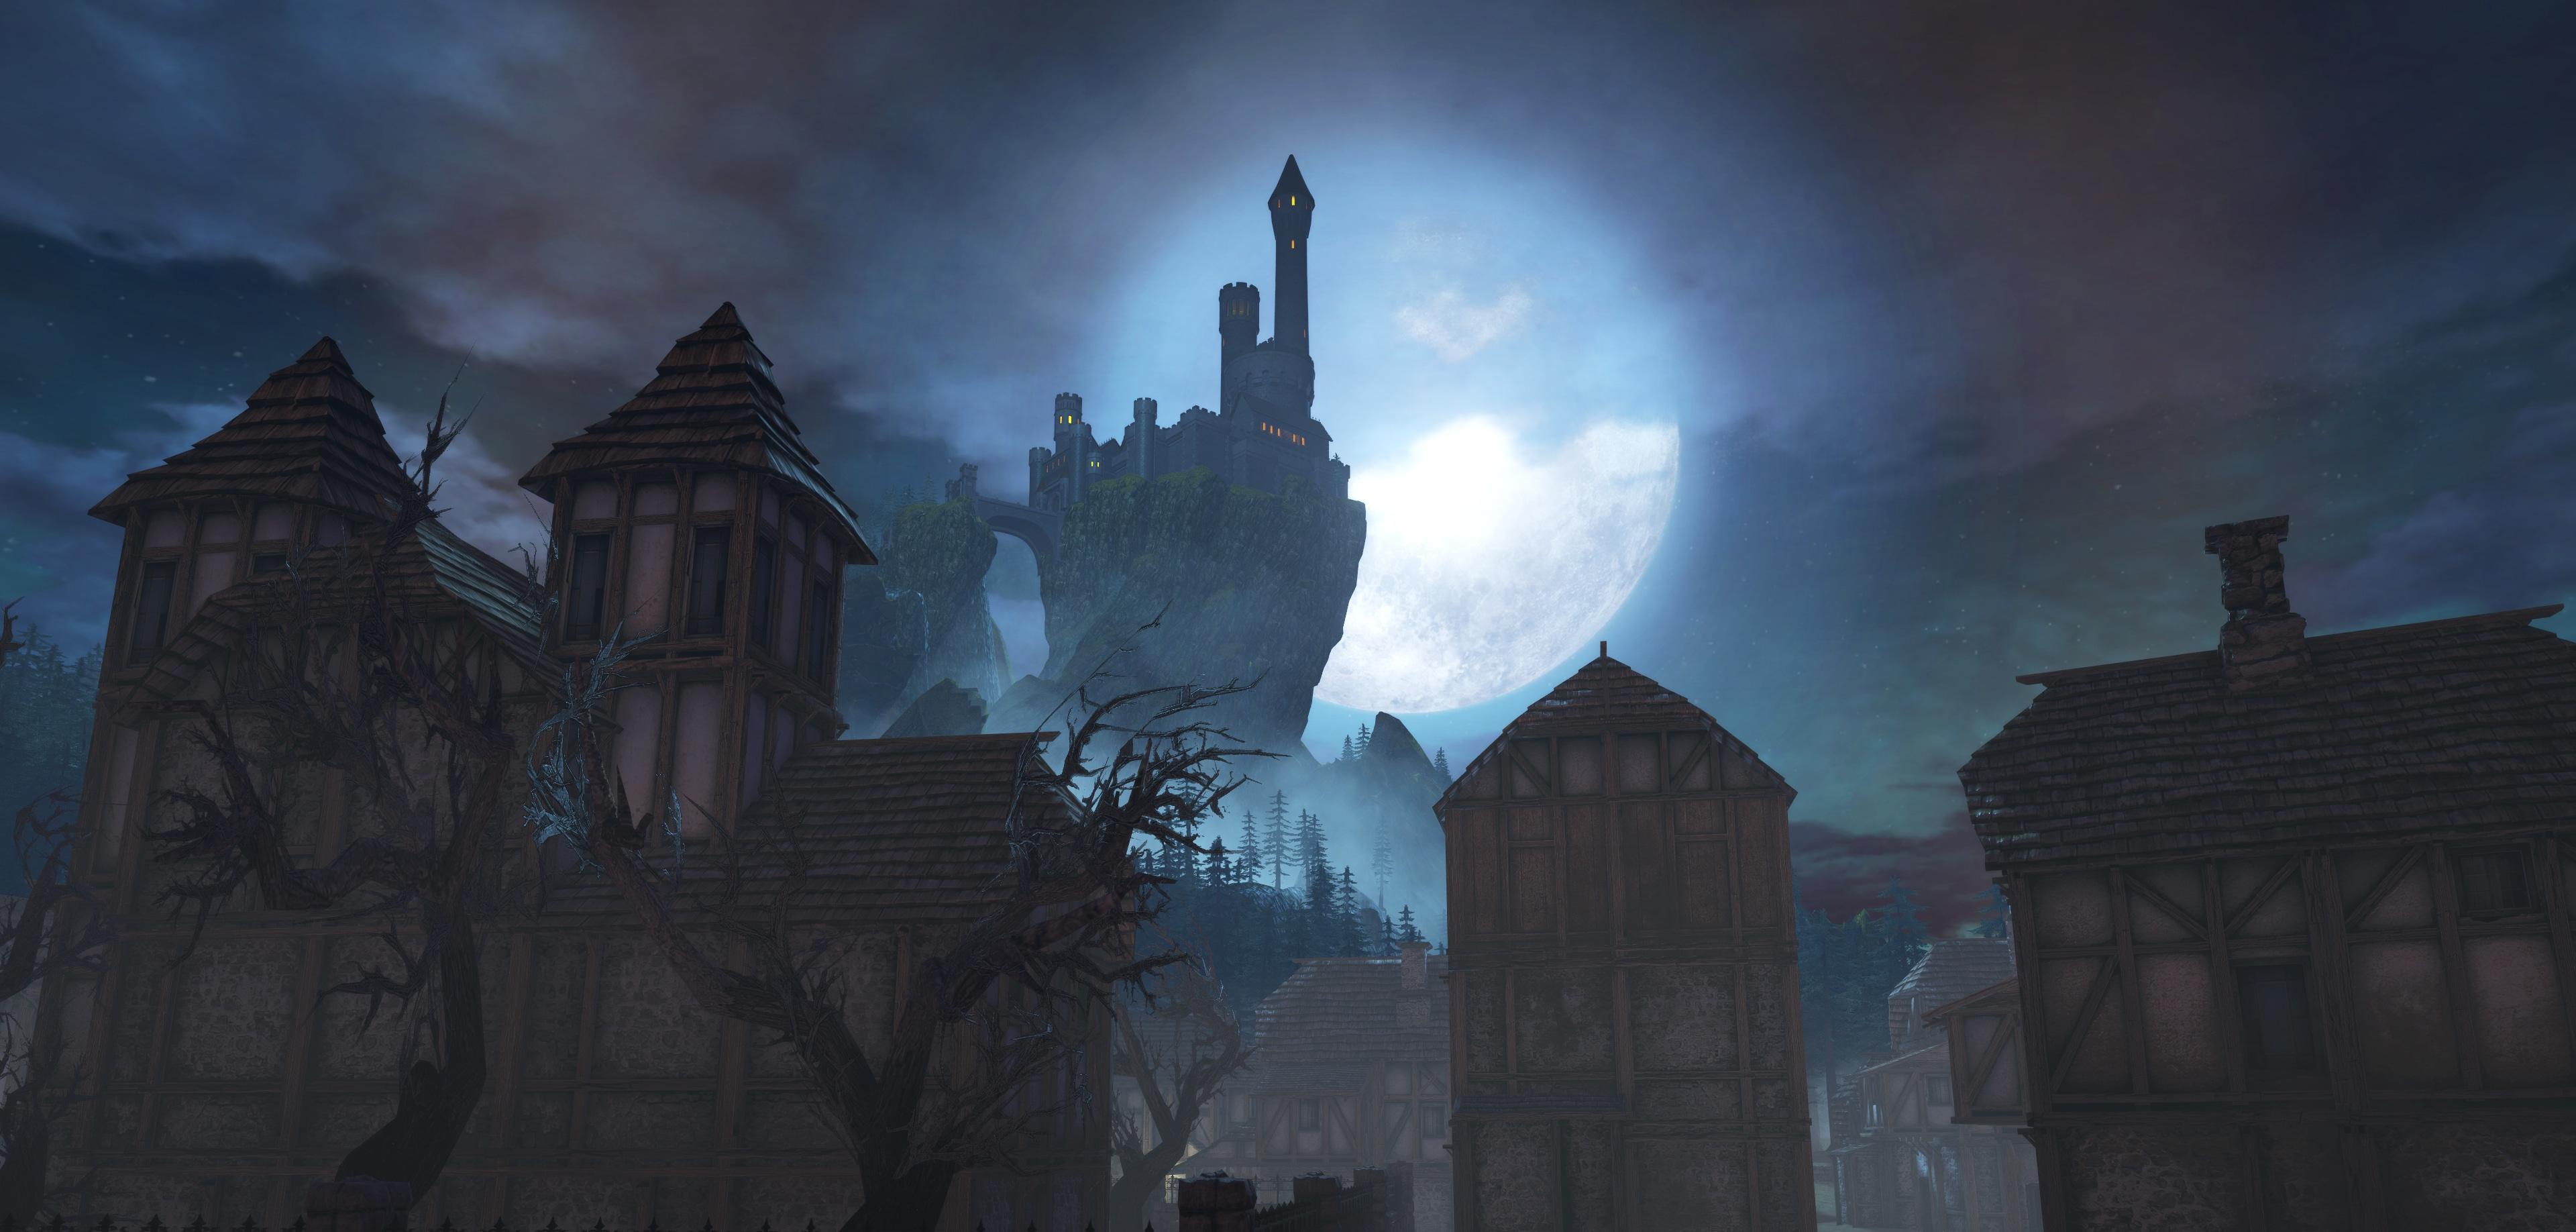 Ravenloft Developer Blog: Story & Zone | Neverwinter